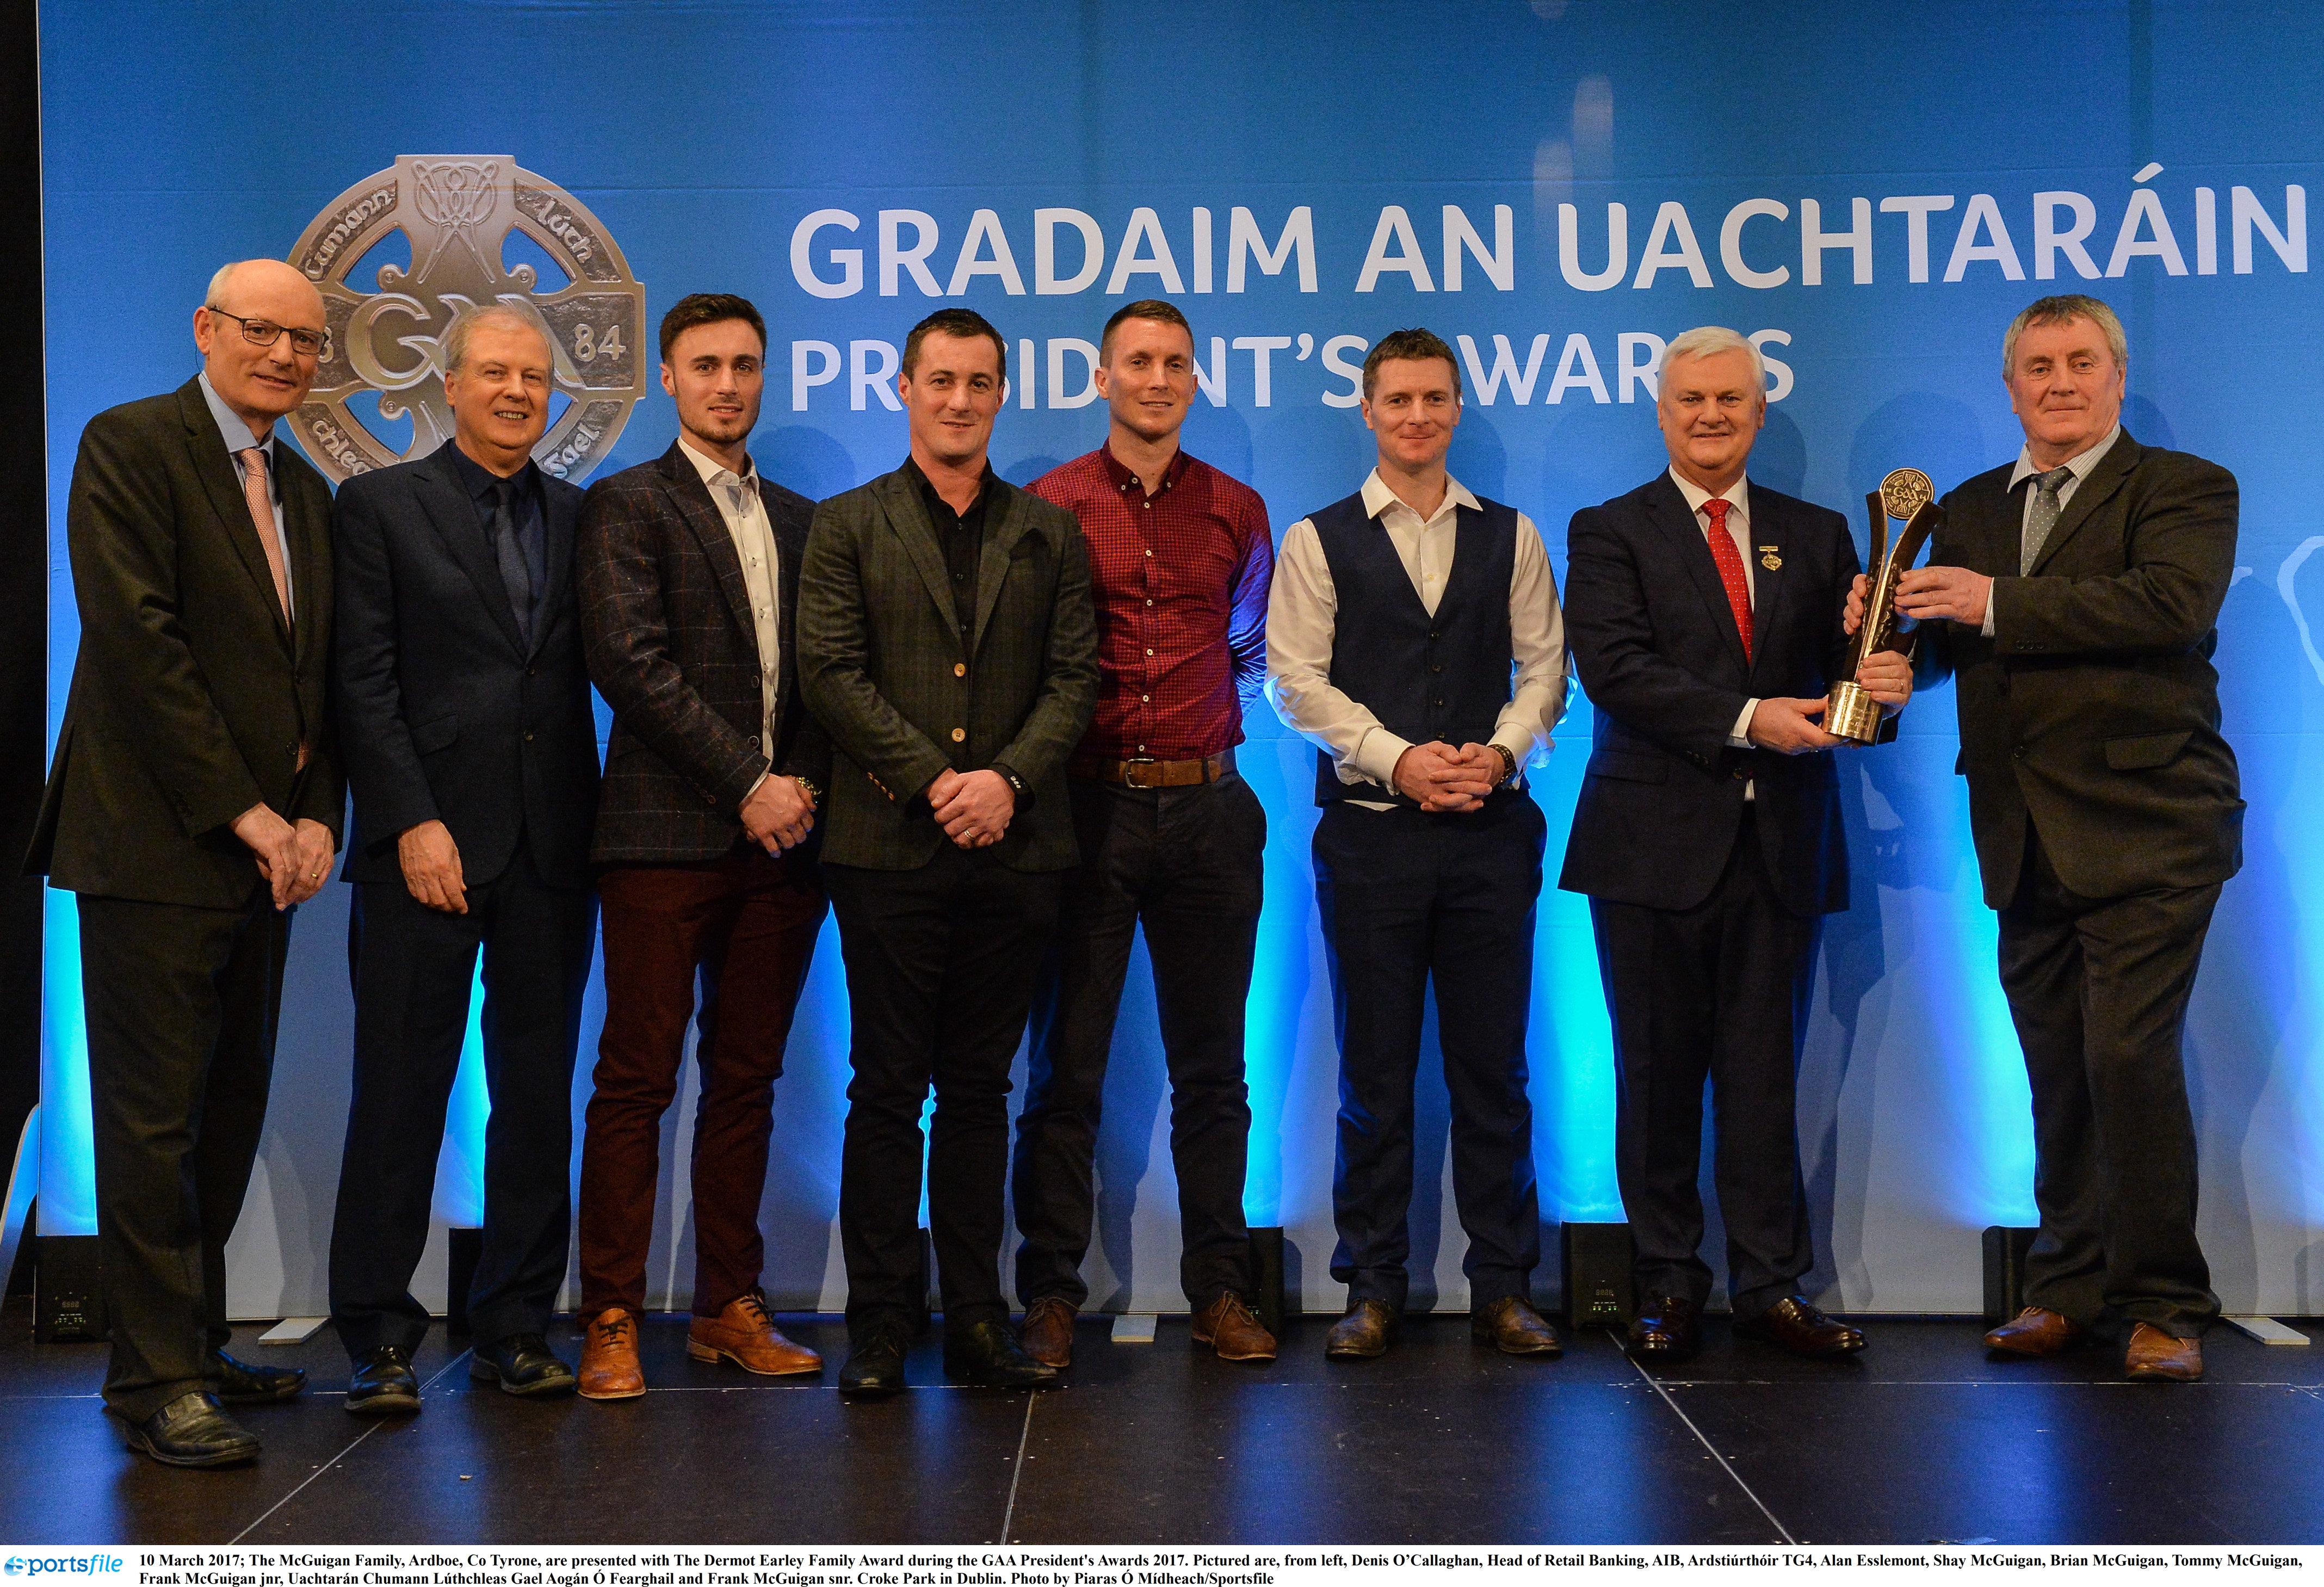 GAA President's Awards for Ulster Gaels